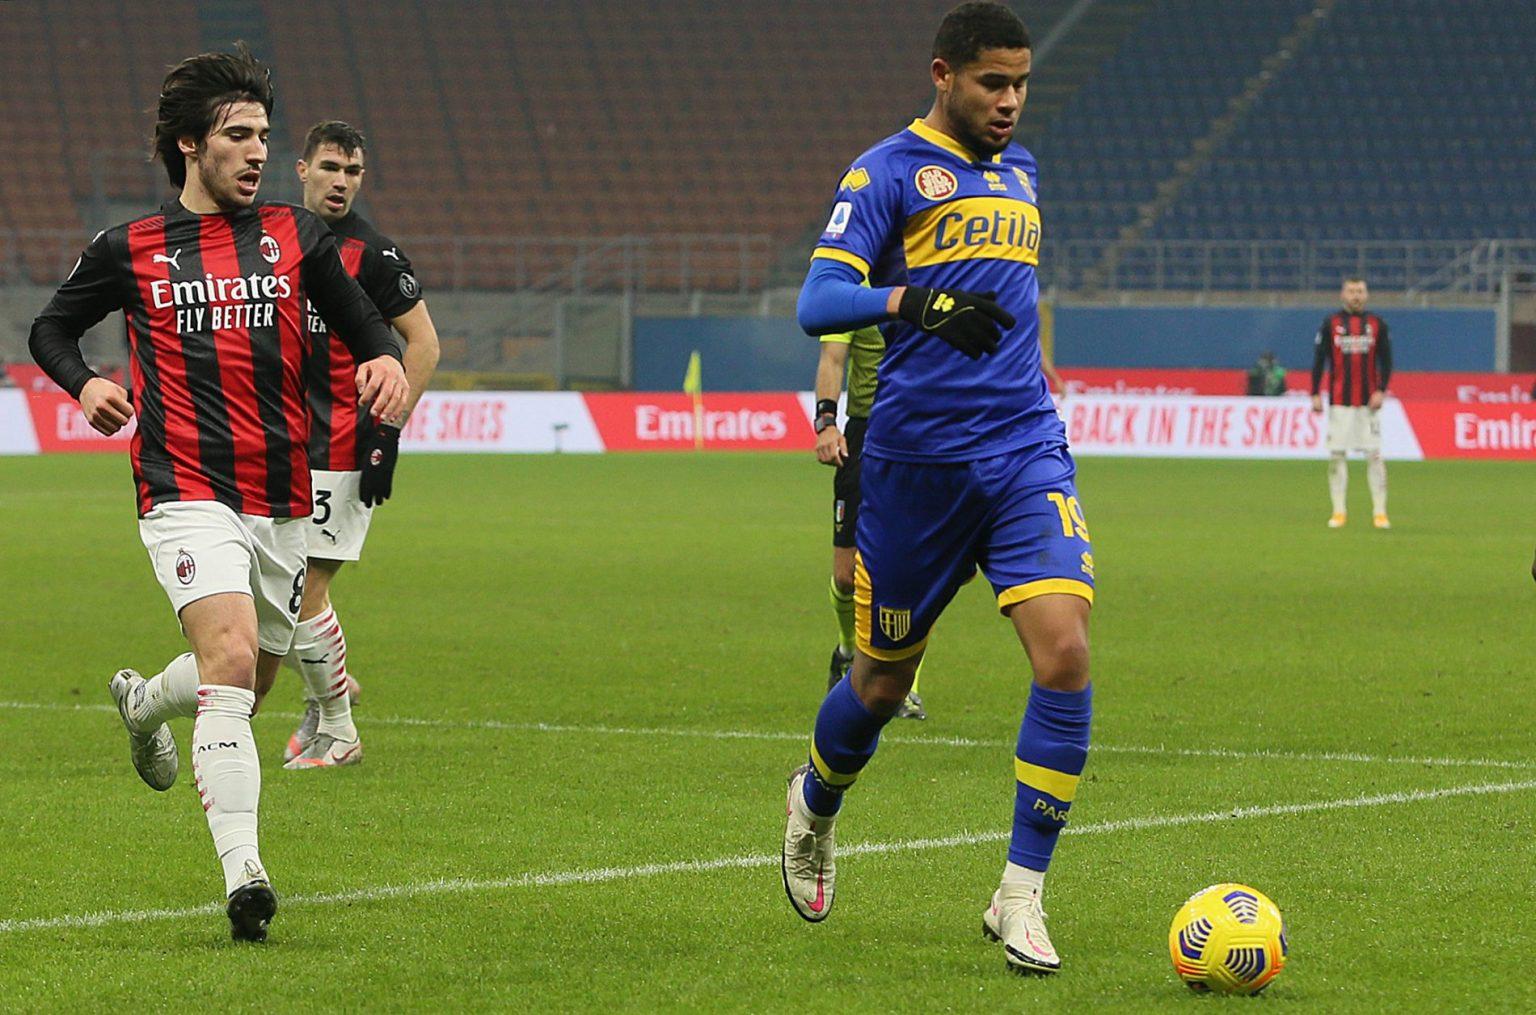 Parma-Juventus, le formazioni ufficiali: c'è Sohm, Kucka ...